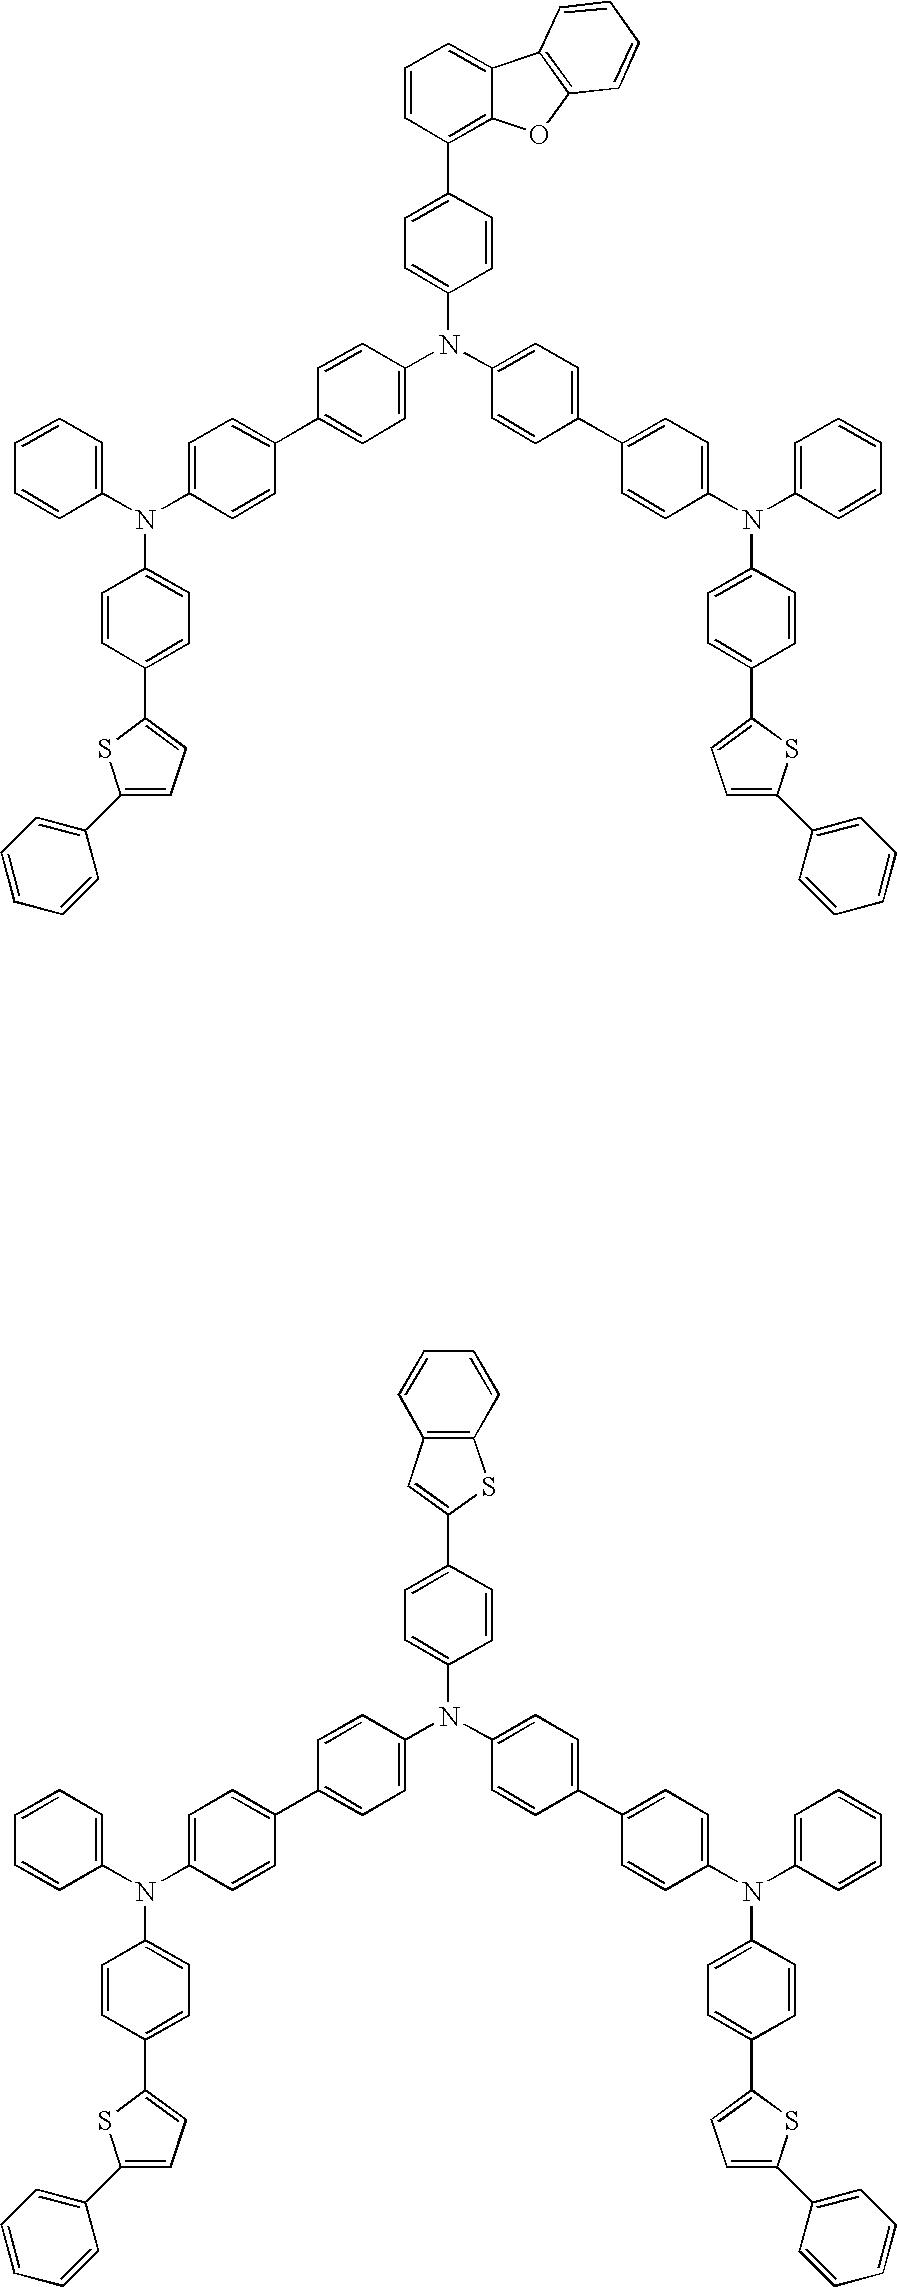 Figure US20090066235A1-20090312-C00037